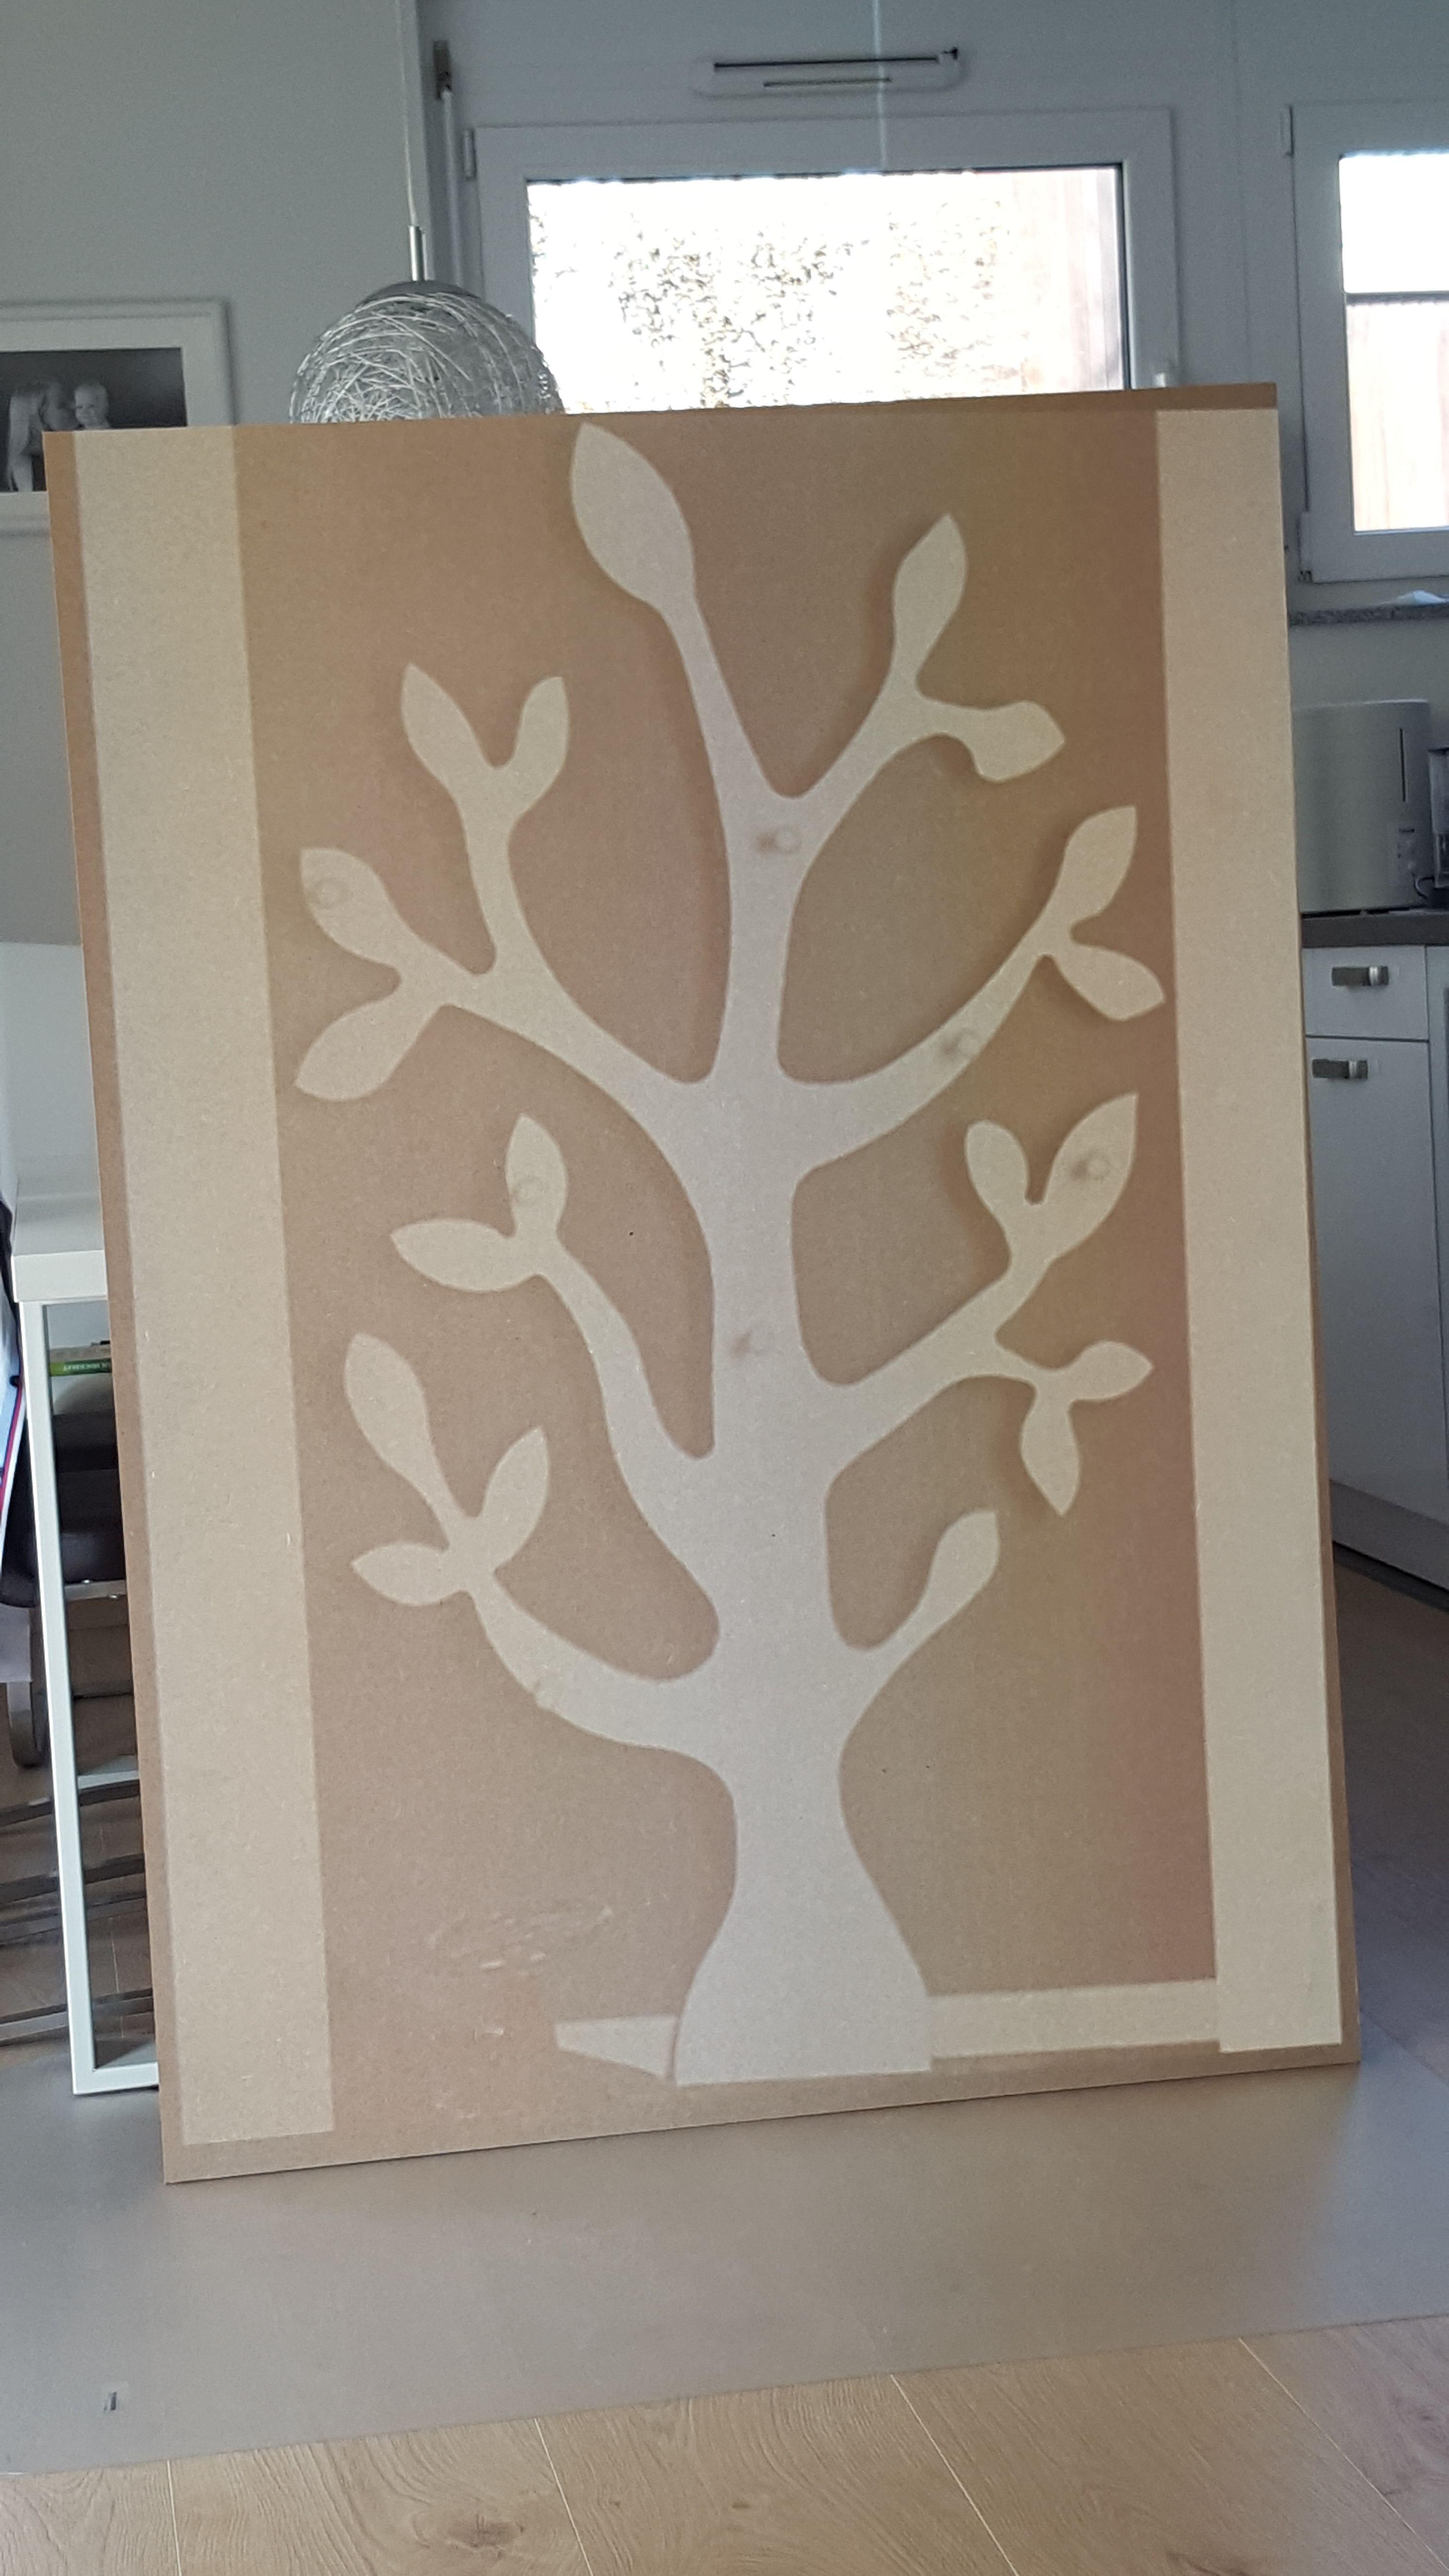 Kinder Garderobe Baum Vögel Weiß Anzeichnen